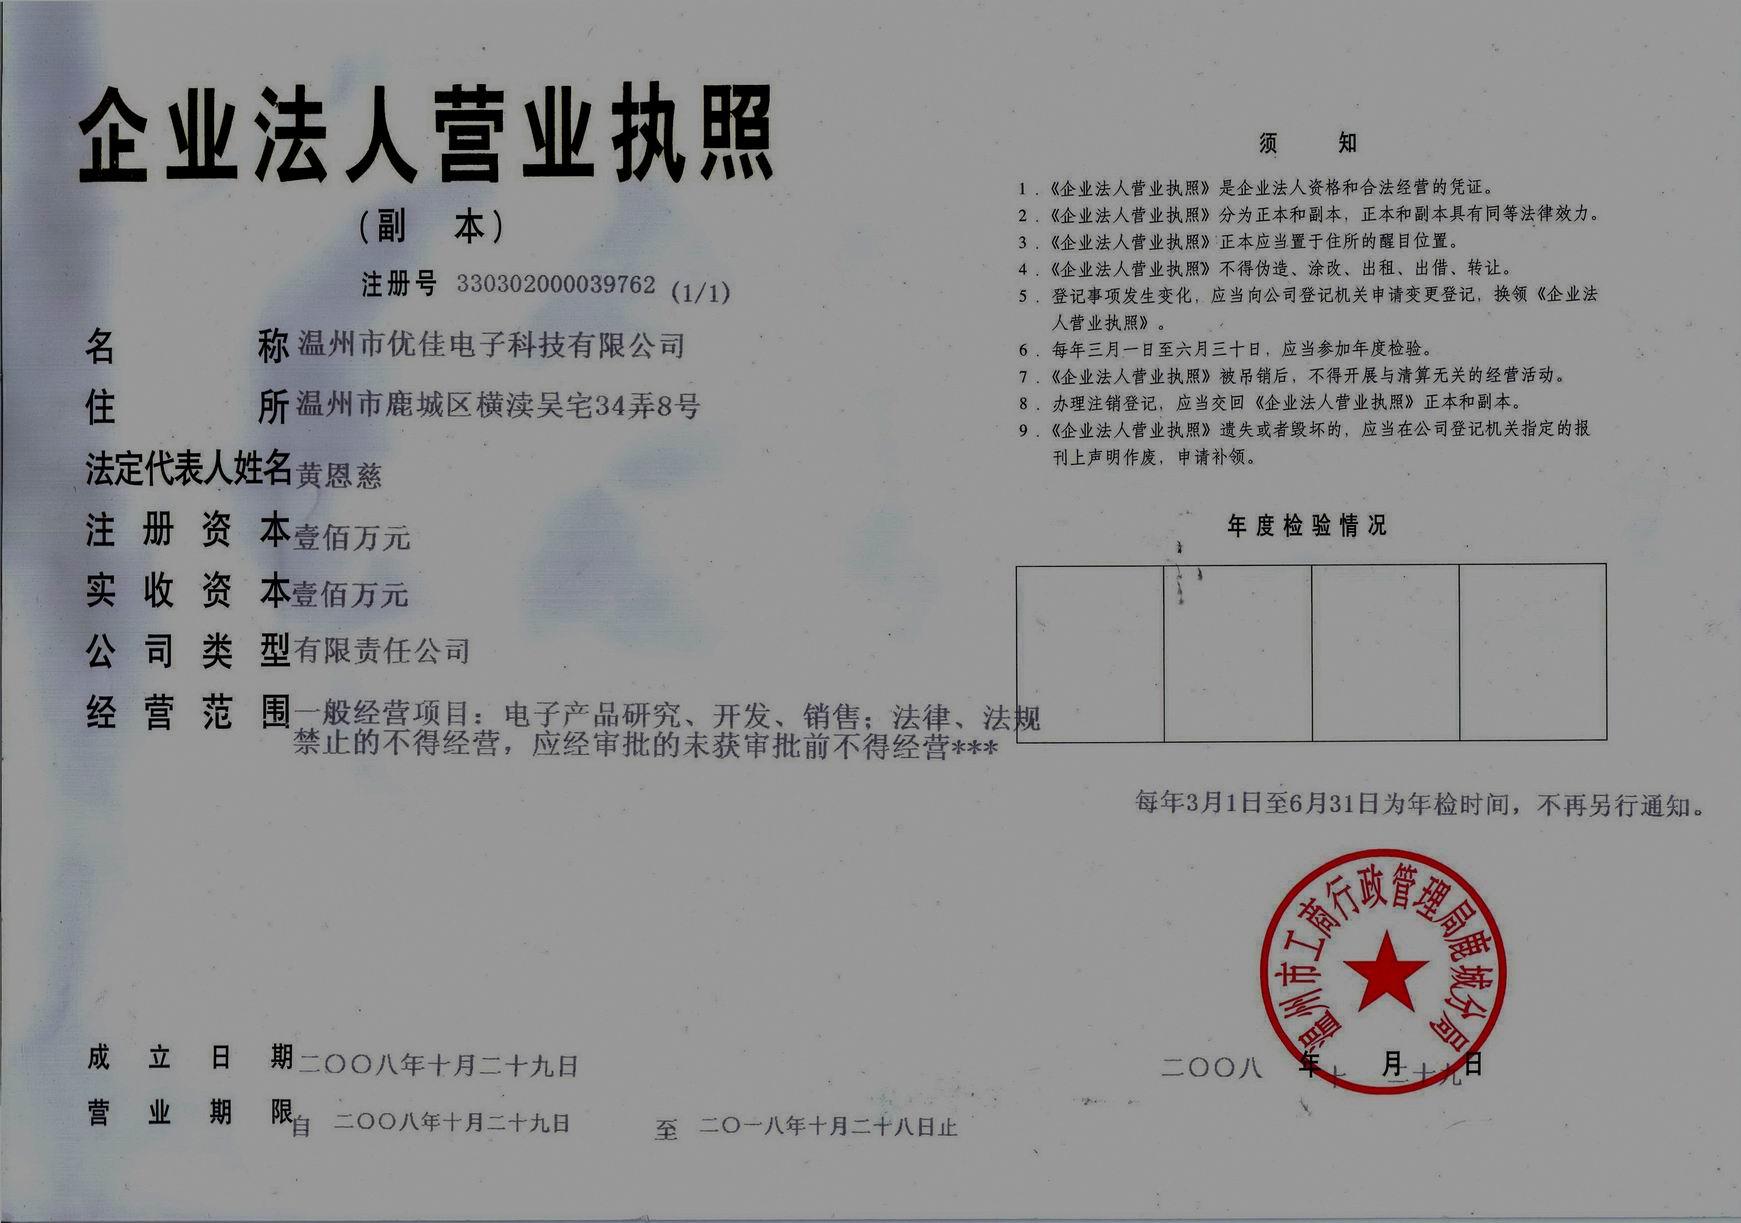 浙江优佳电子科技有限公司